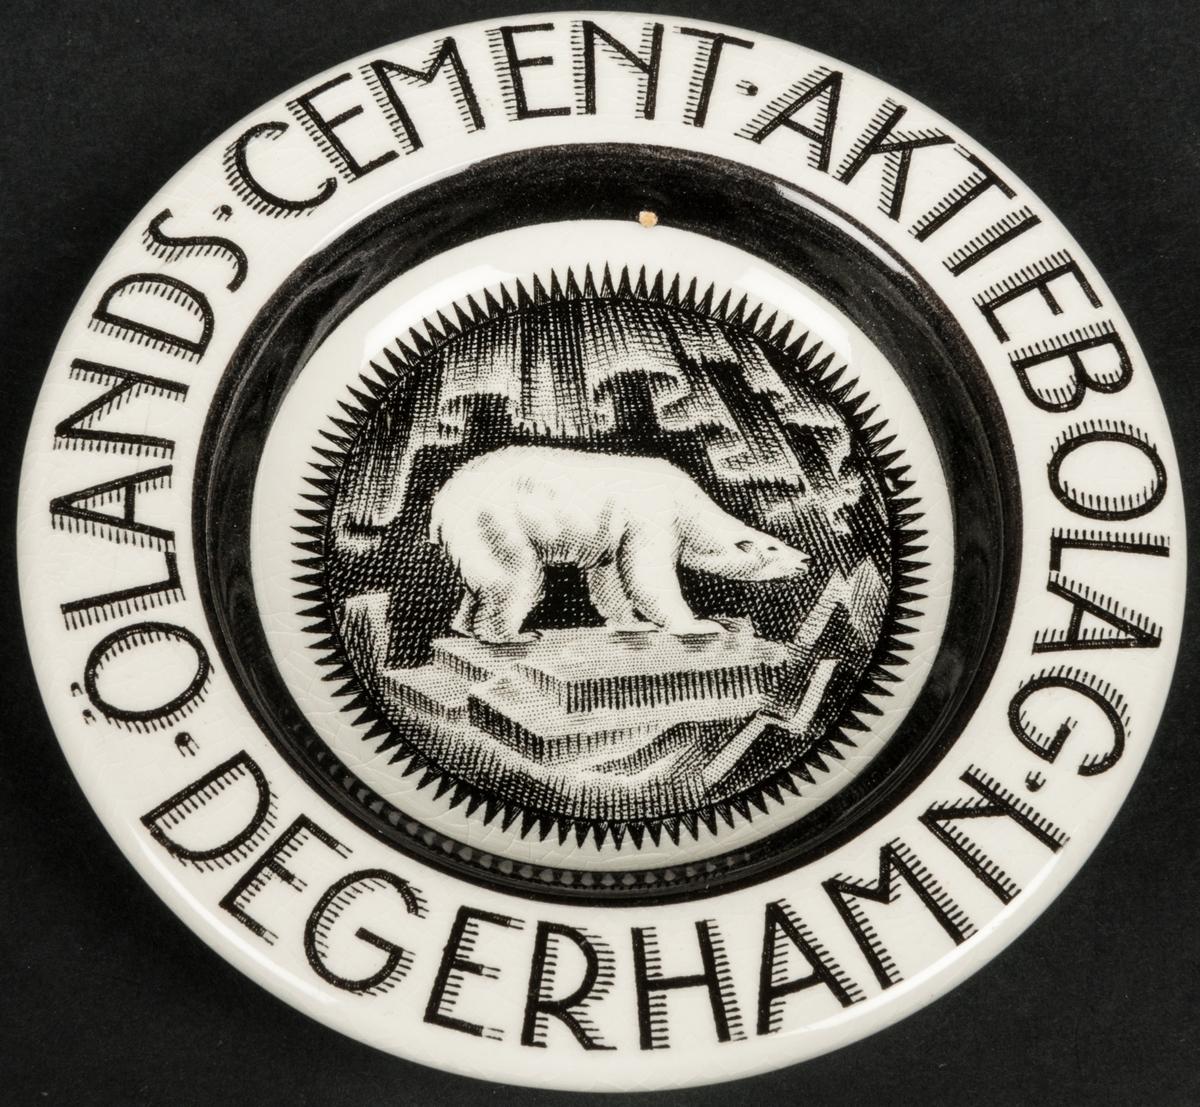 Askfat, vitt med svart dekor av isbjörn i botten. Runt brämet: Ölands Cement Aktiebolag Degerhamn.